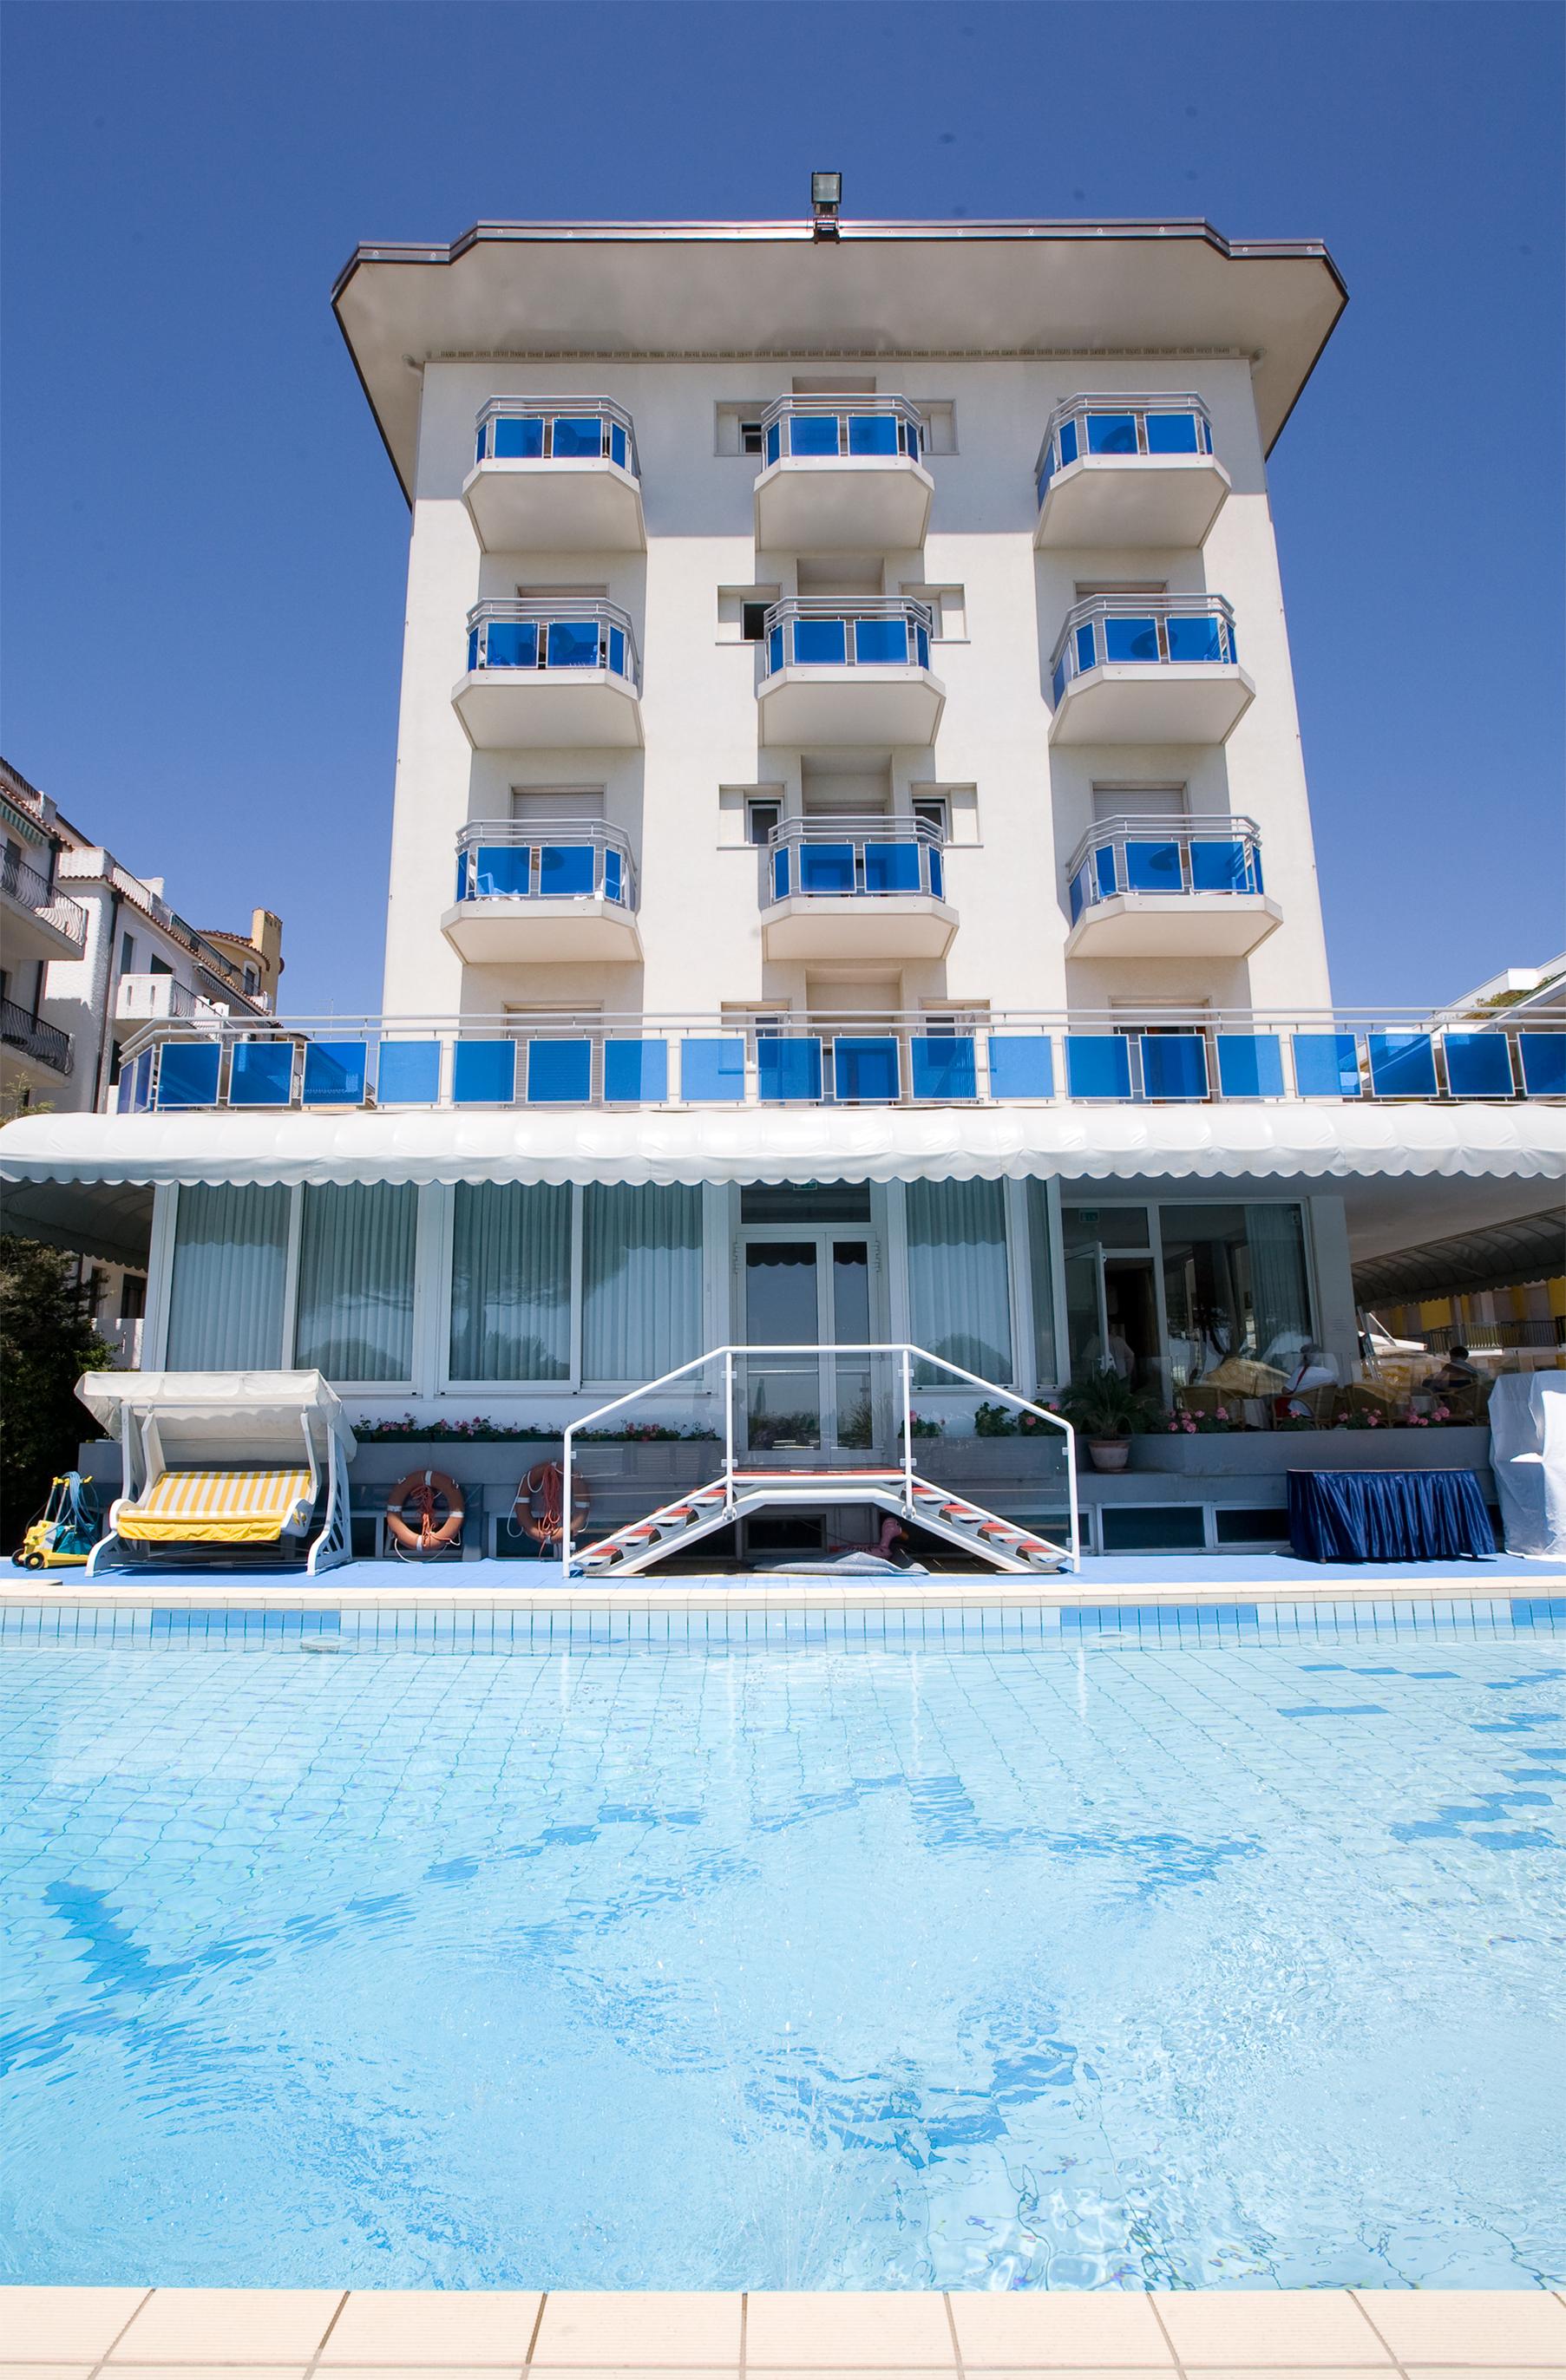 Gallery seafront hotel in jesolo hotel croce di malta jesolo - Hotel jesolo con piscina fronte mare ...